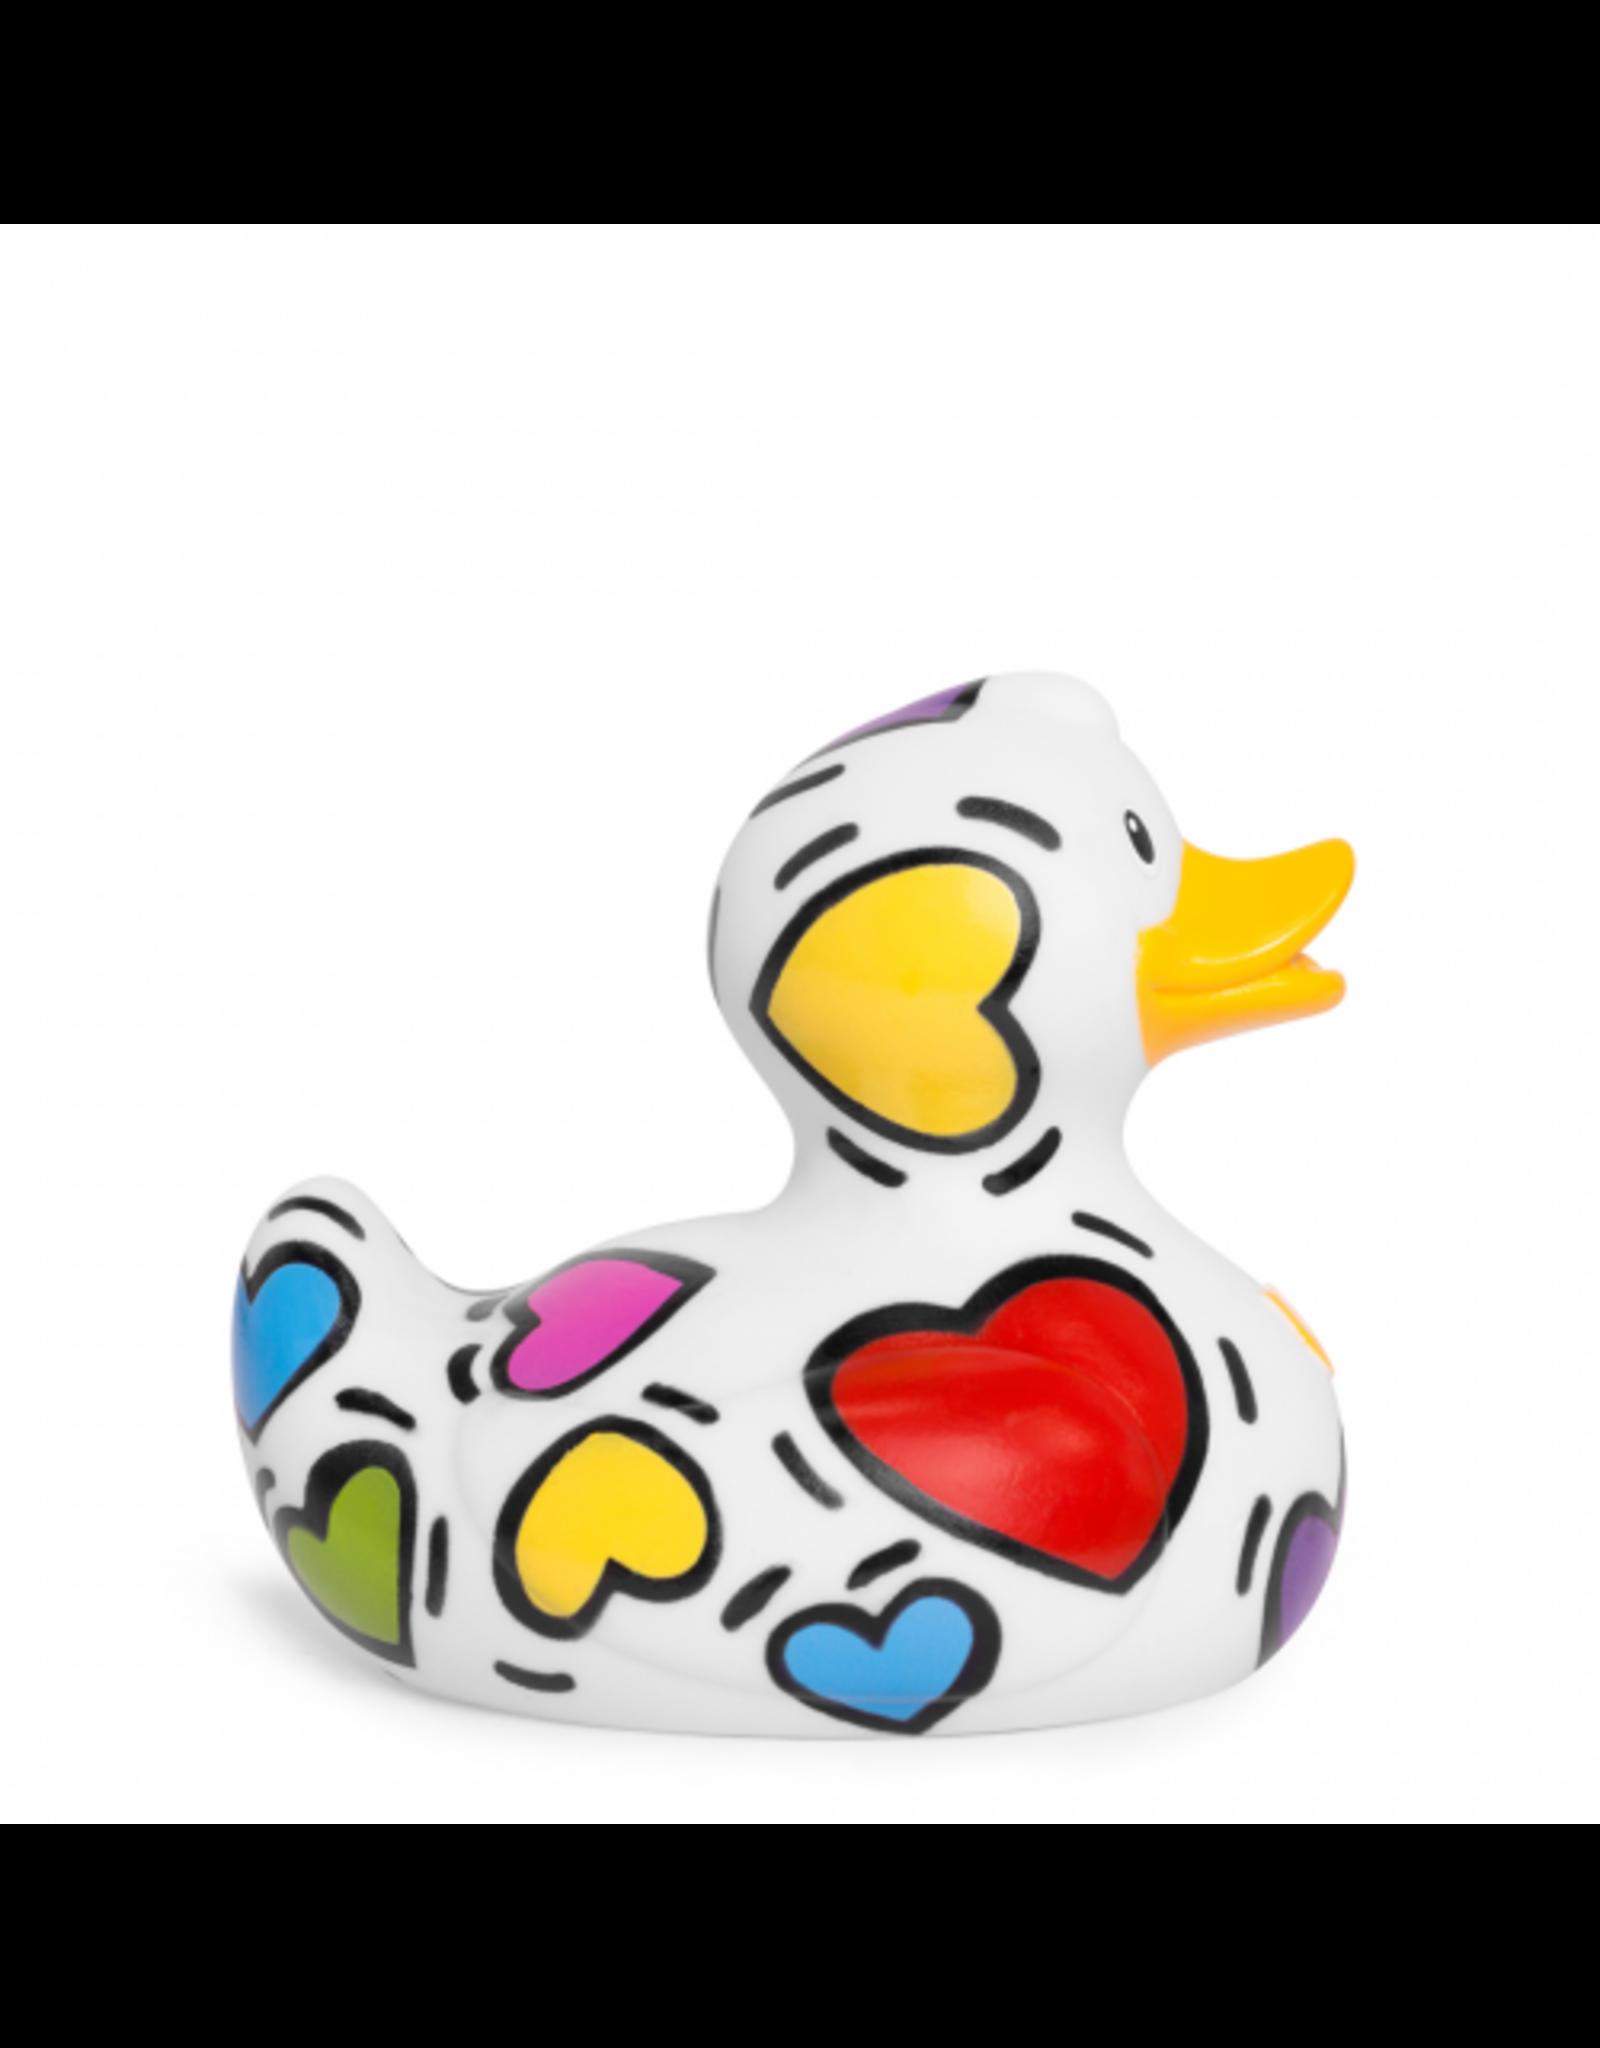 Le pop heart